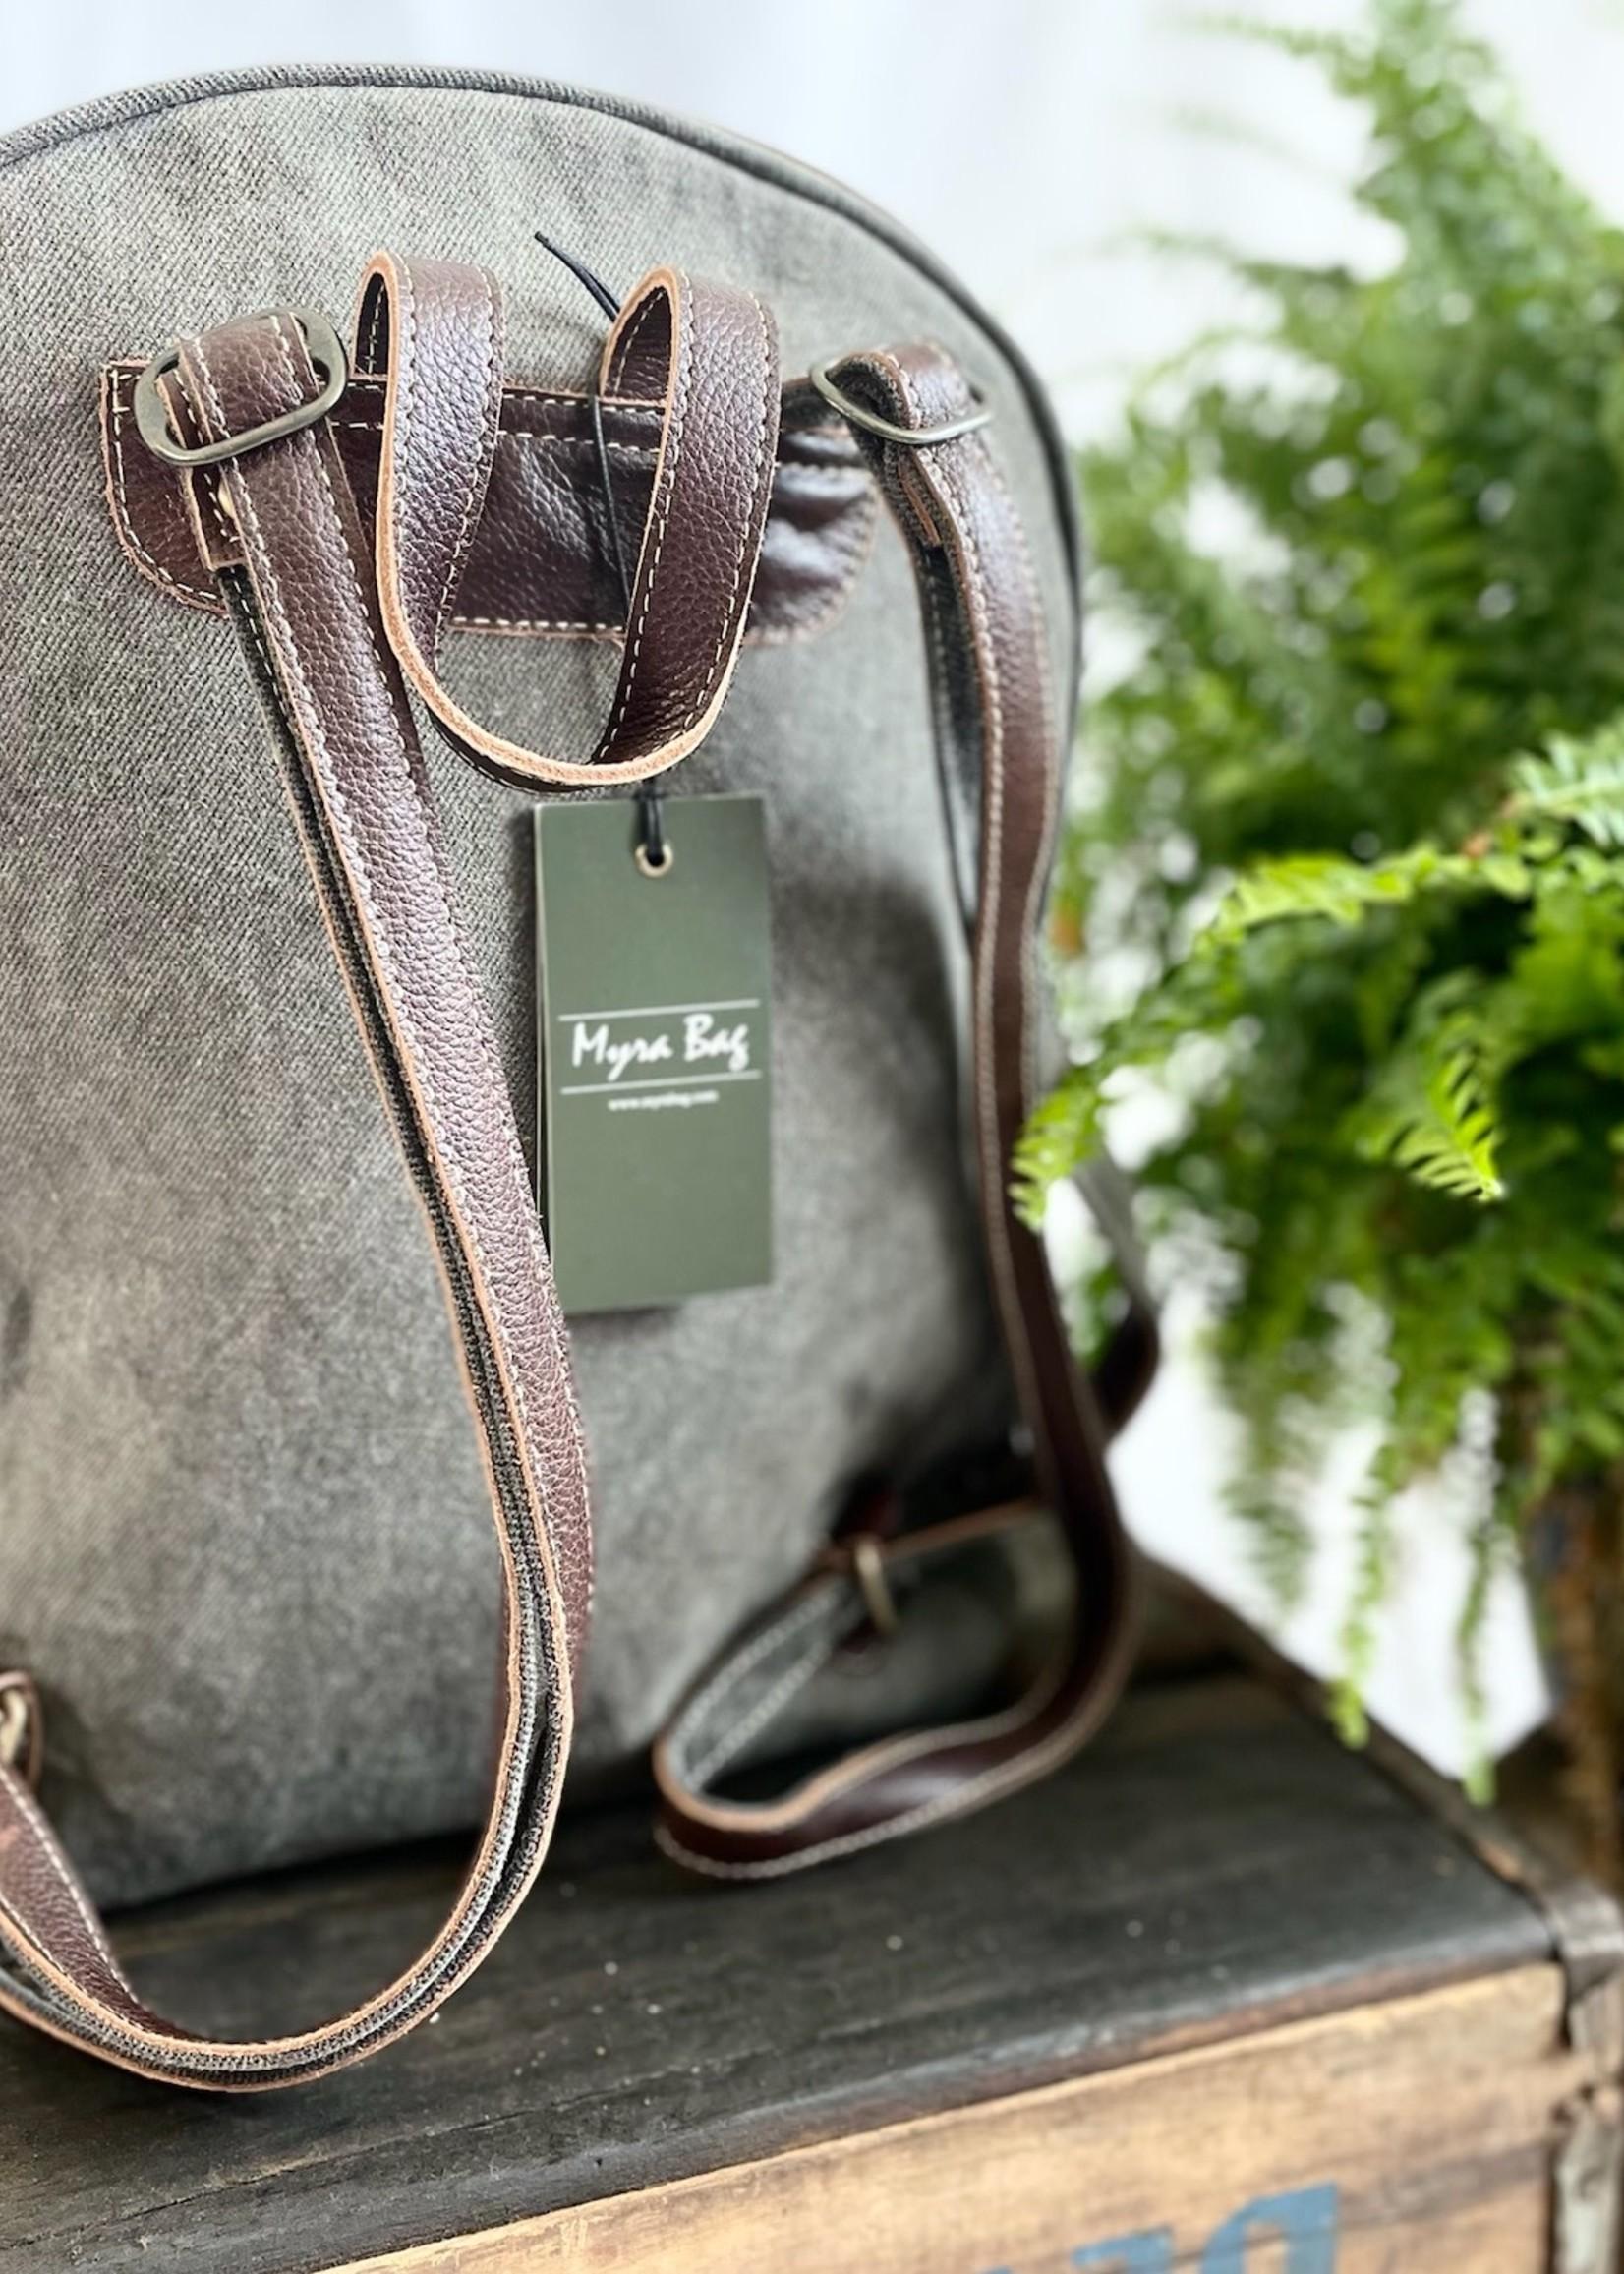 Blue Breeze Backpack Bag